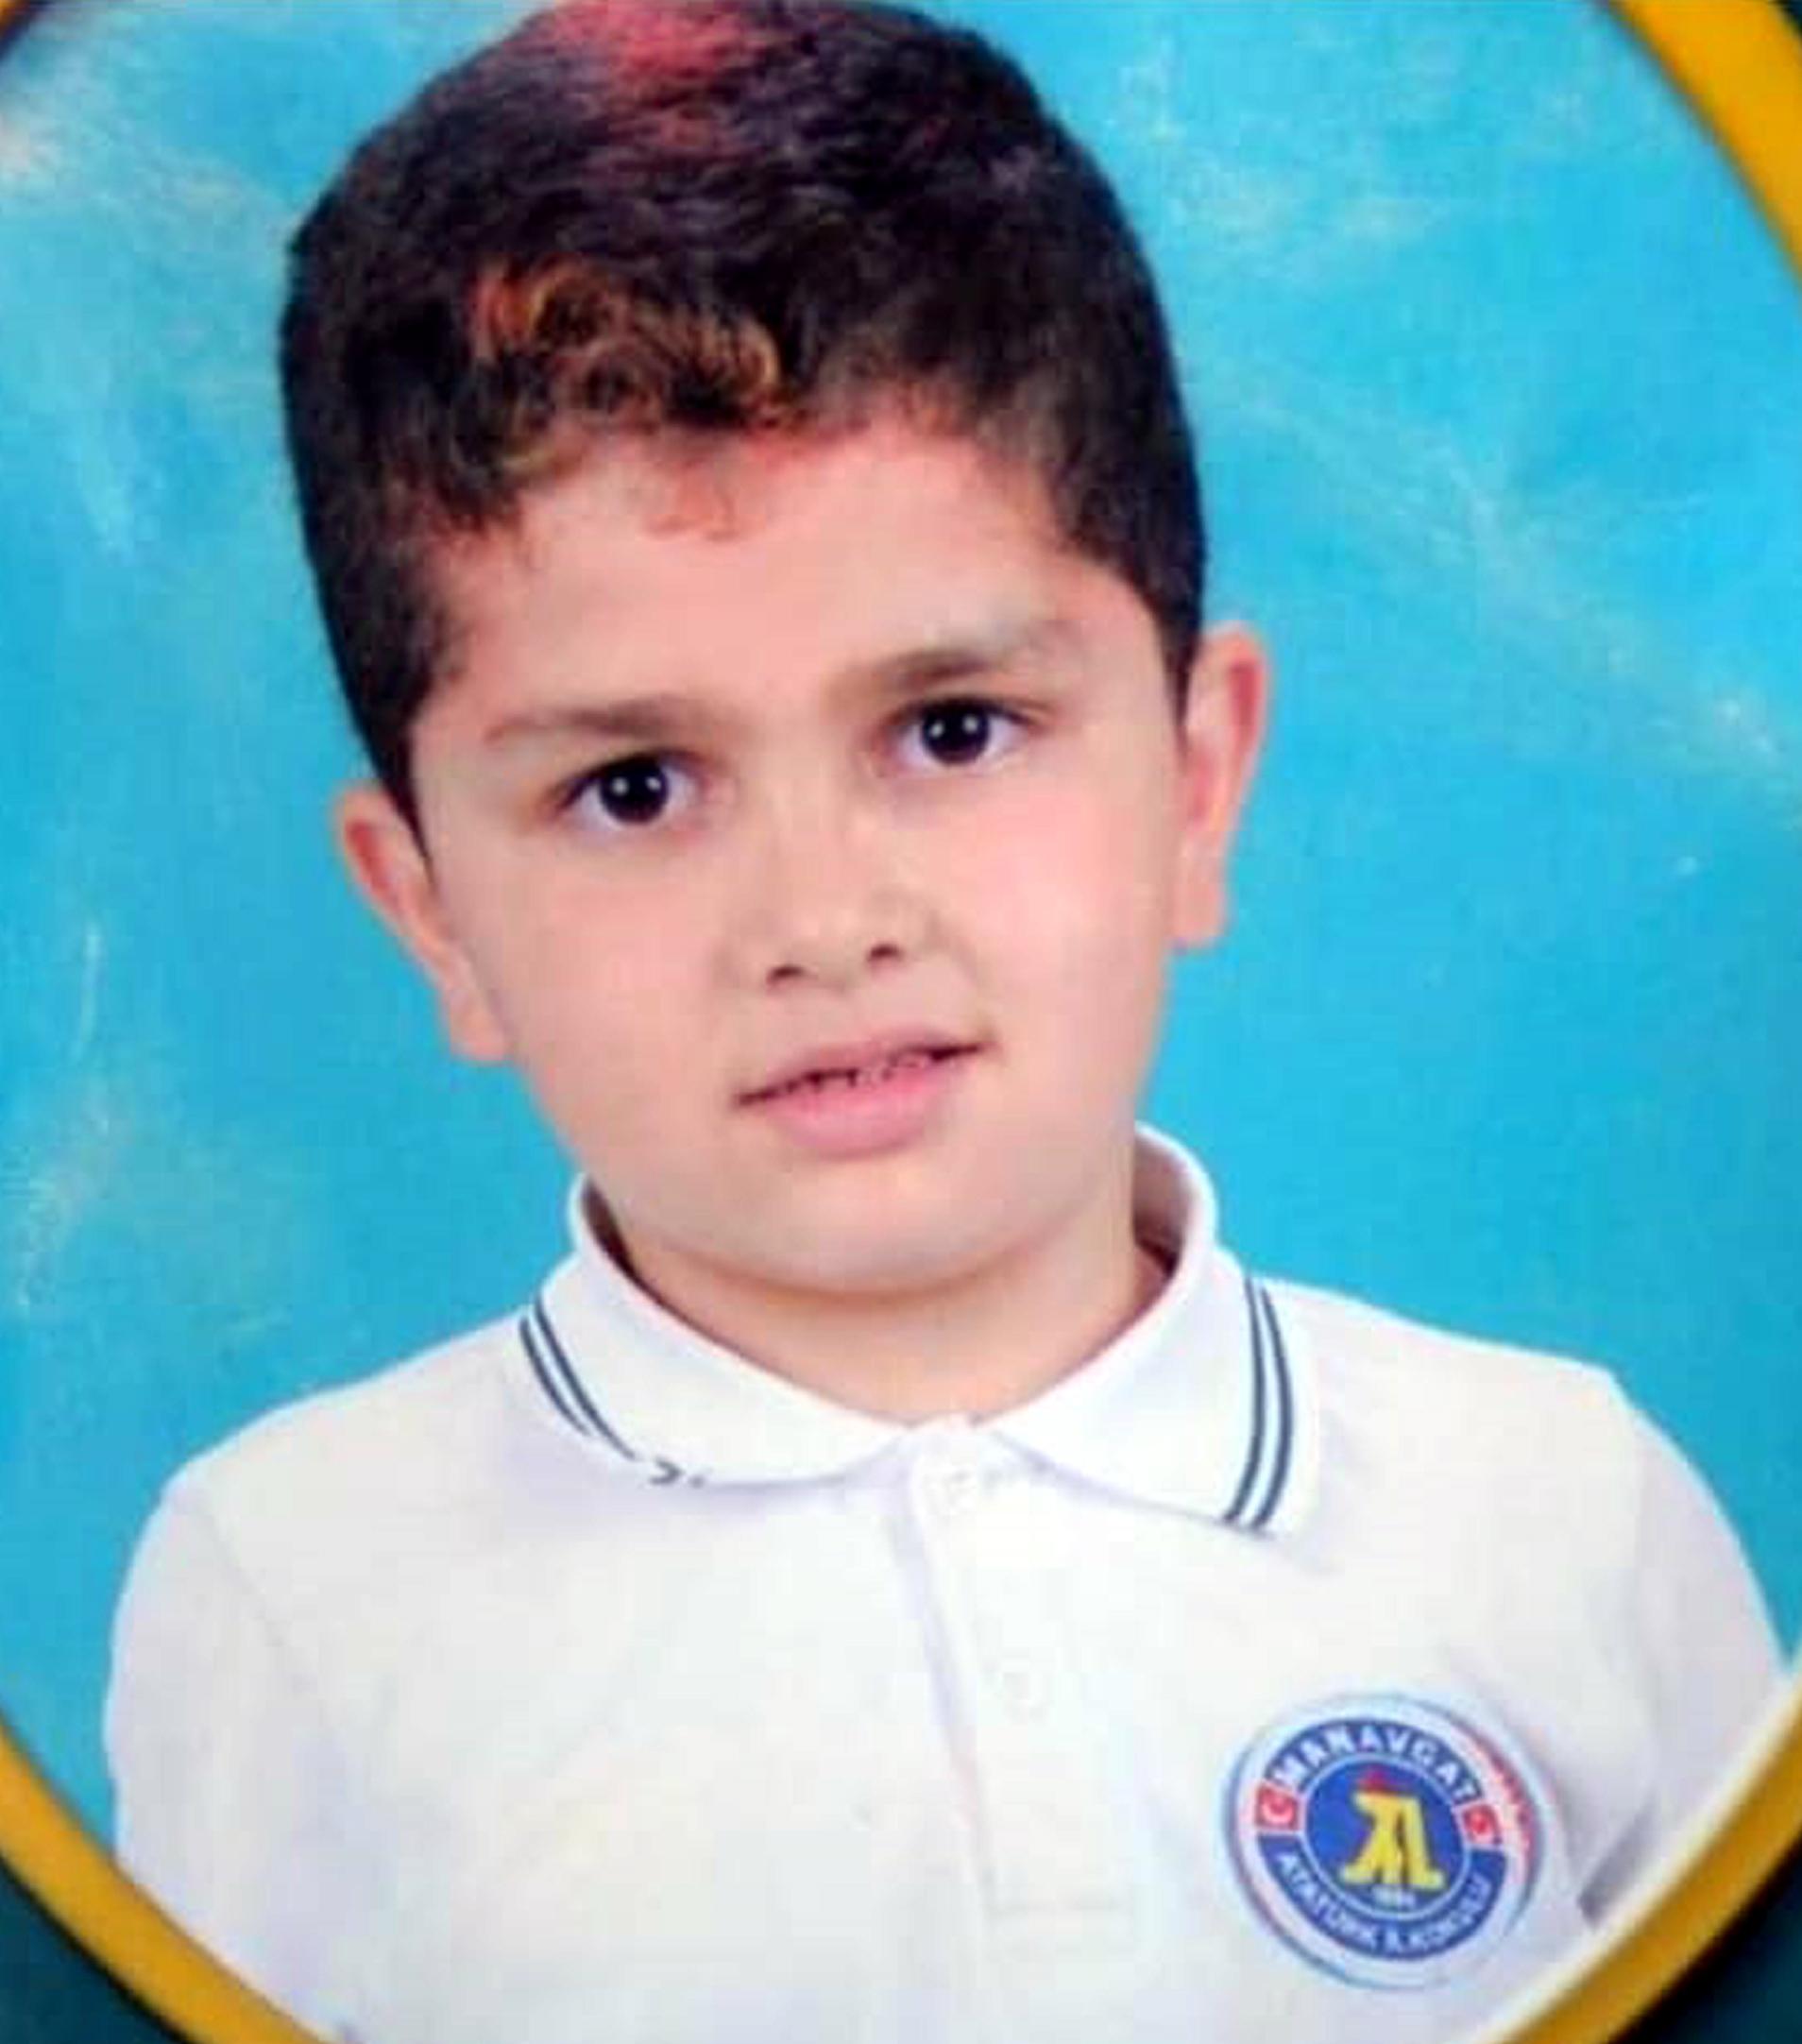 8 yaşındaki kardeşini bıçakla öldürüp, polise teslim oldu!